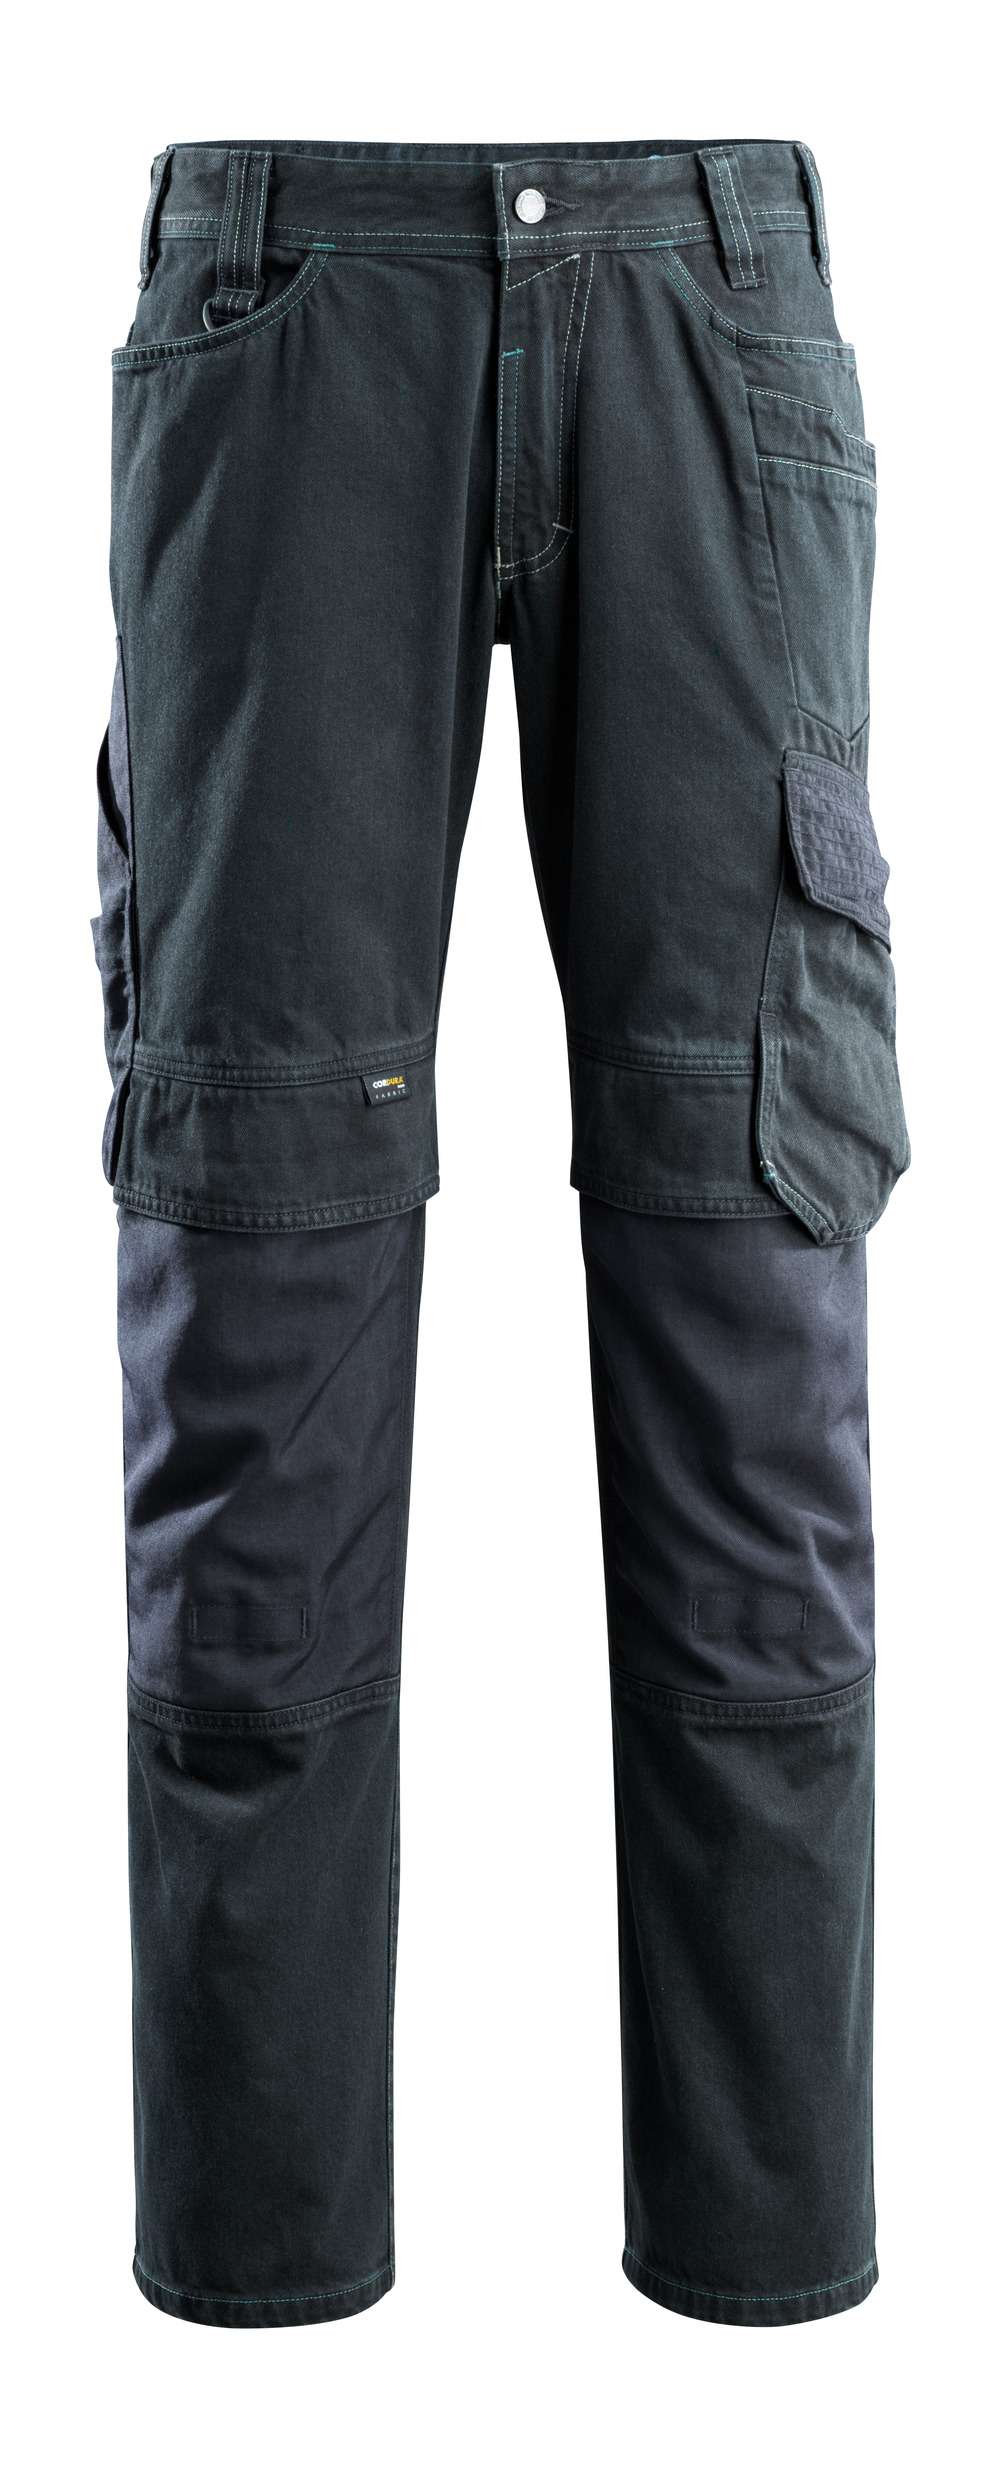 15179-207-86 Jeans med knelommer - mørk blå denim